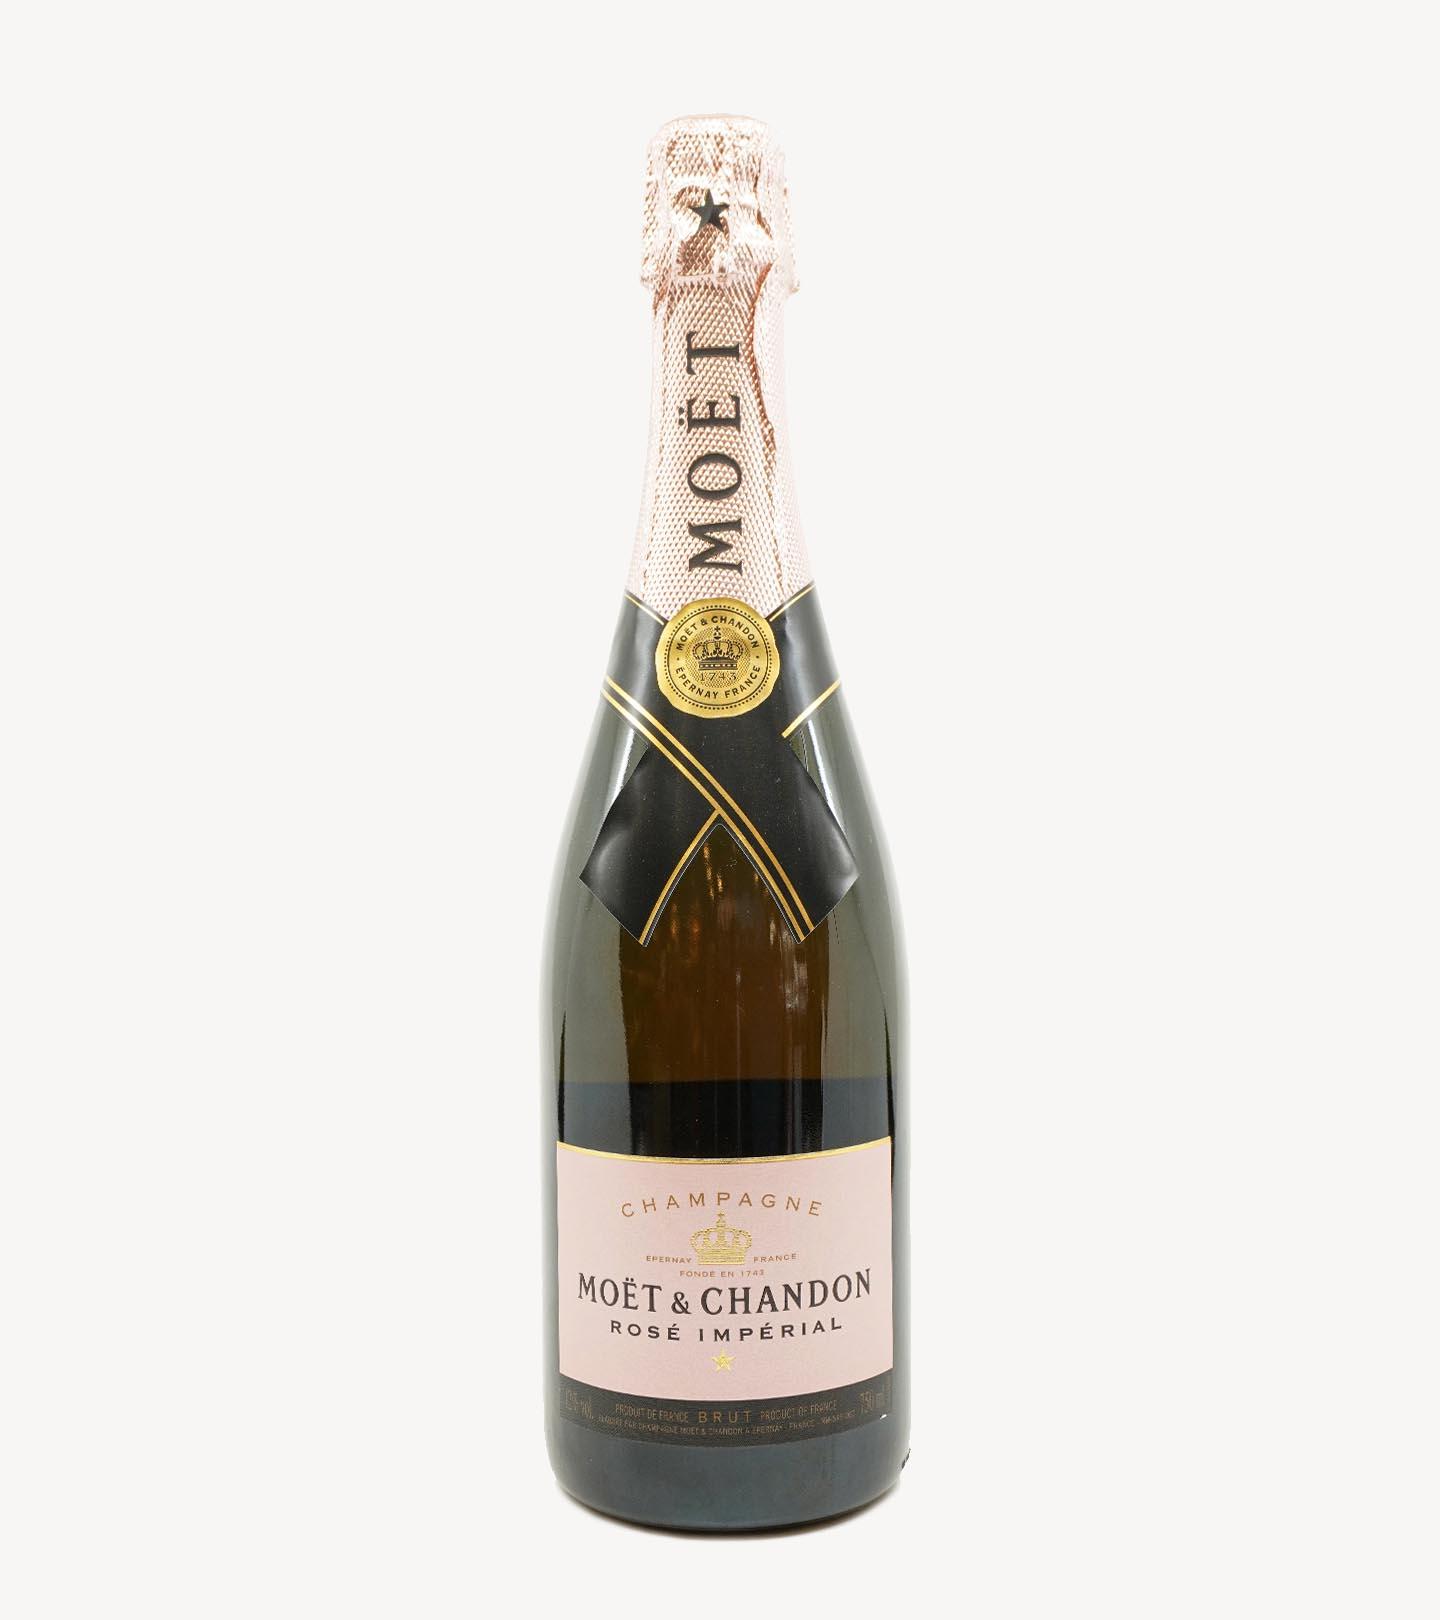 Champagne Moet & Chandon Rosé Imperial 75cl